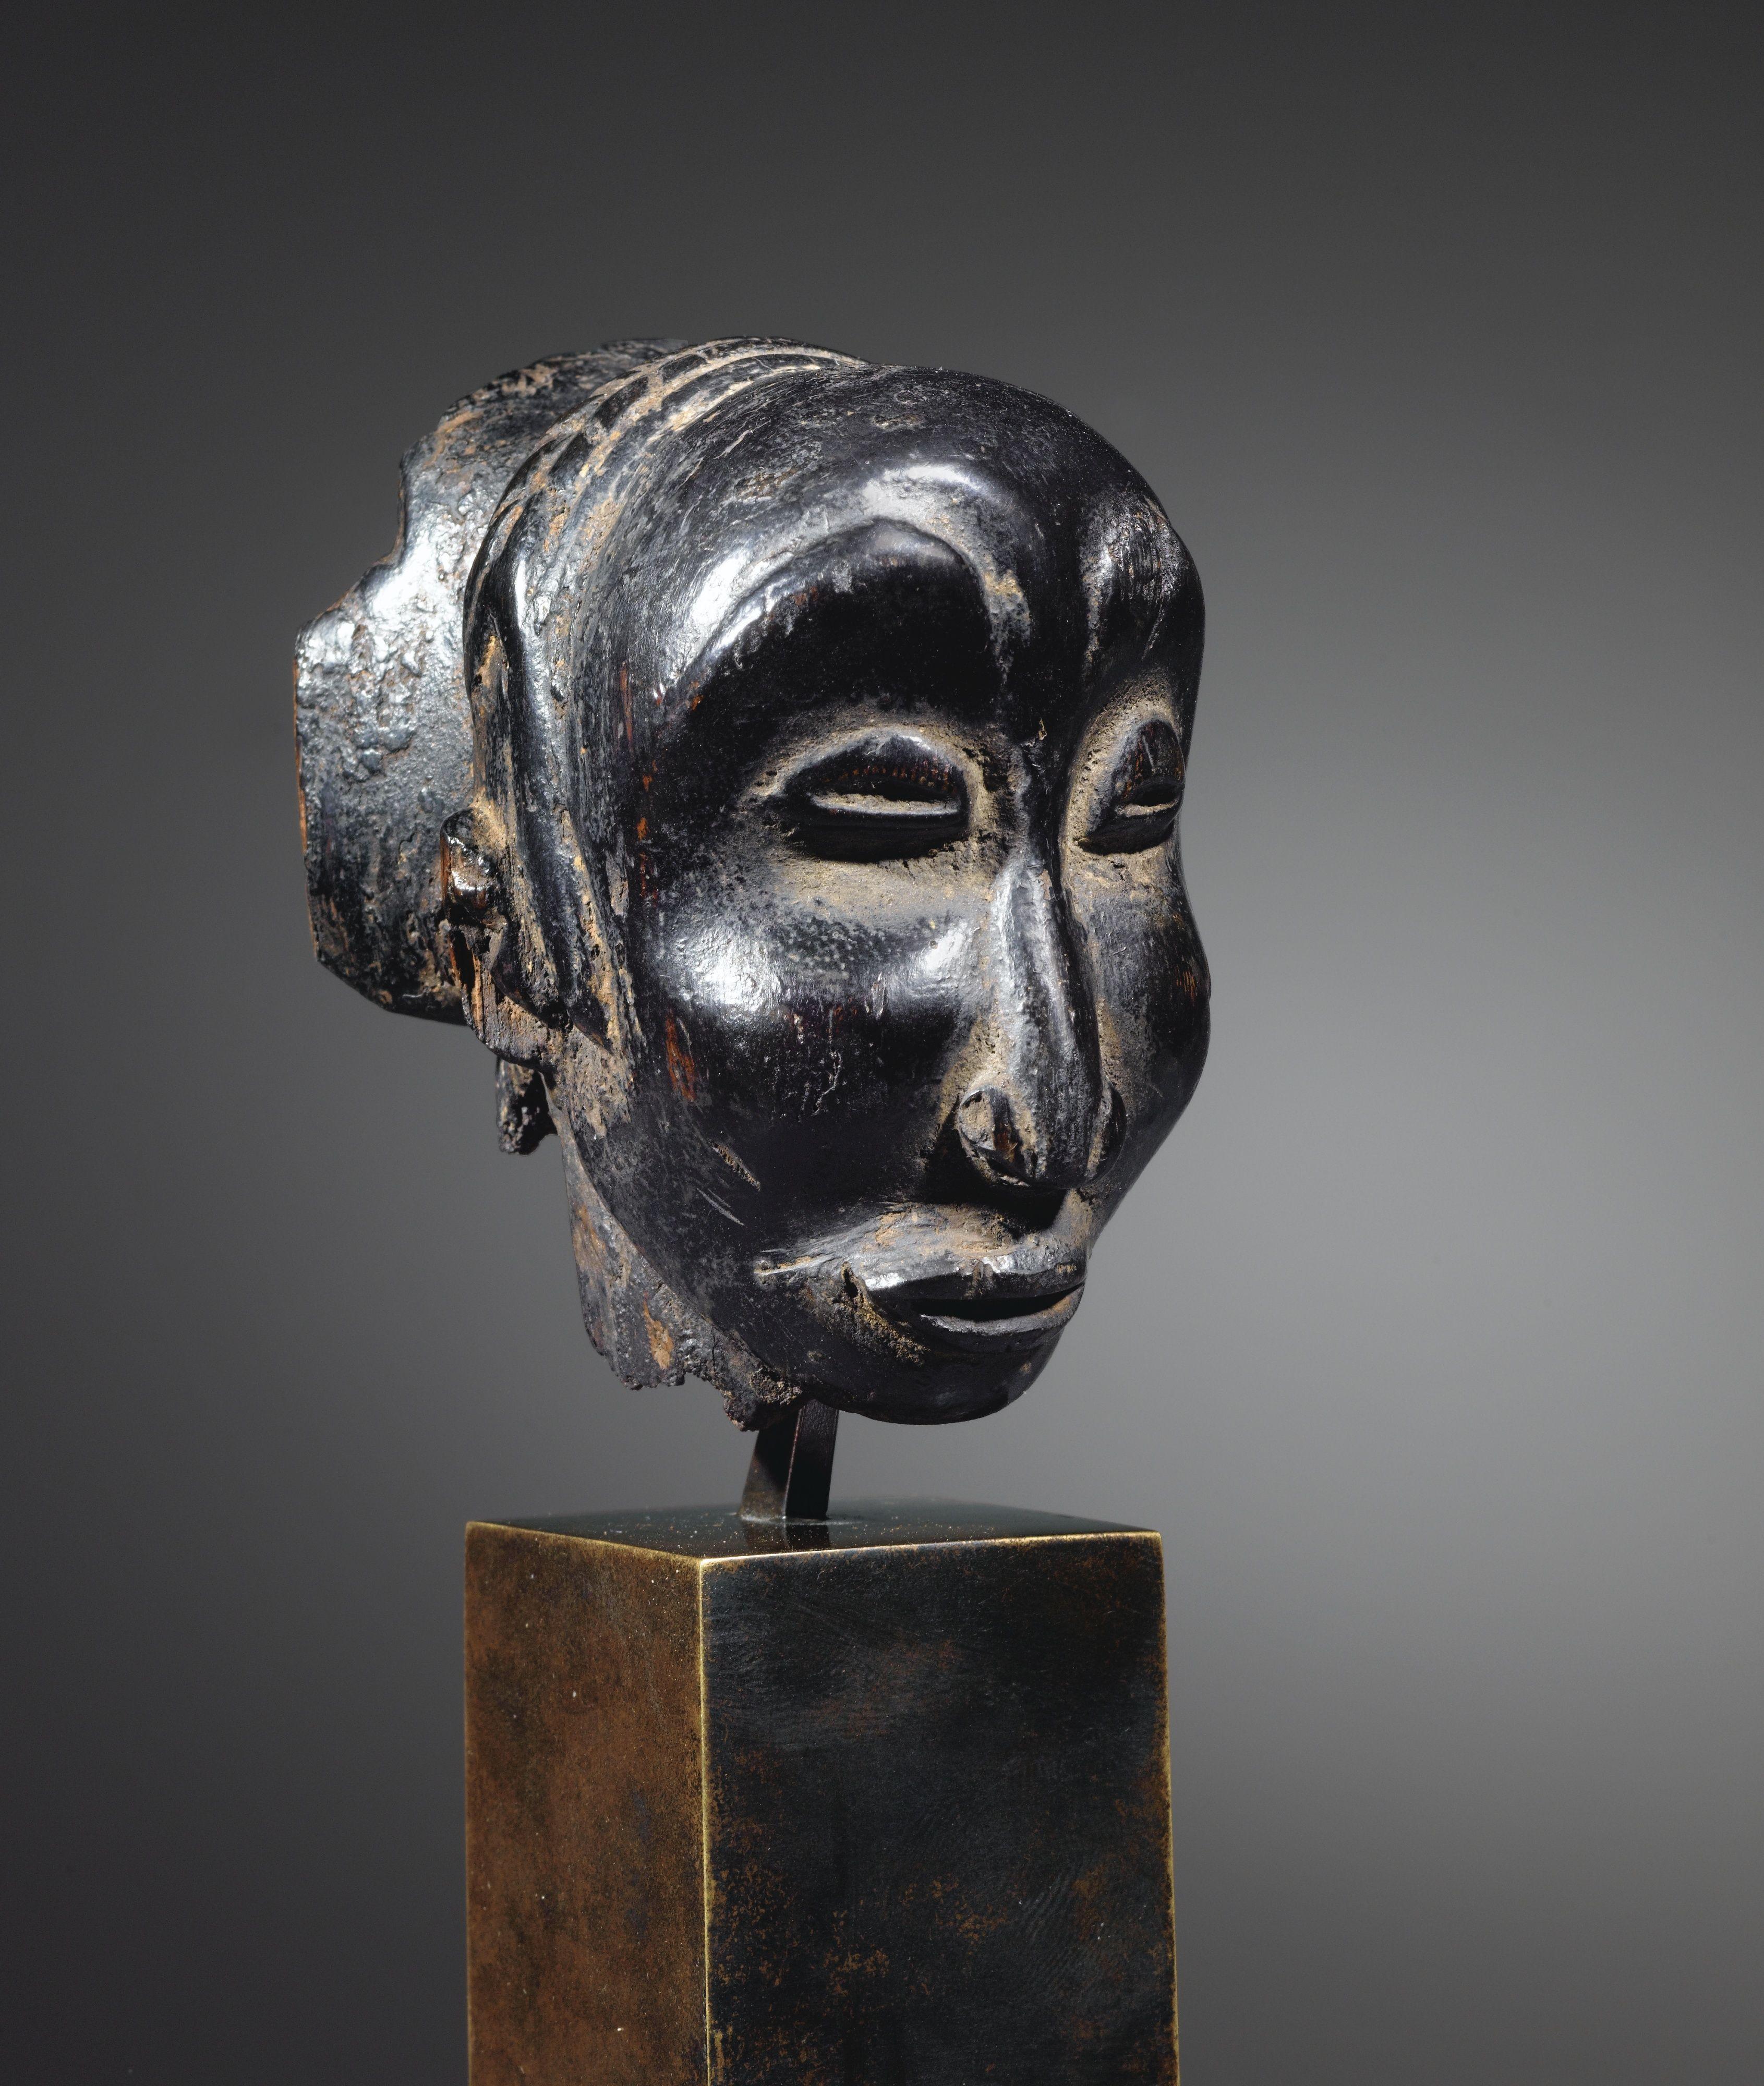 """Tête reliquaire attribuée au """"Maître de Buli"""", Luba, République Démocratique du Congo   Lot   Sotheby's"""